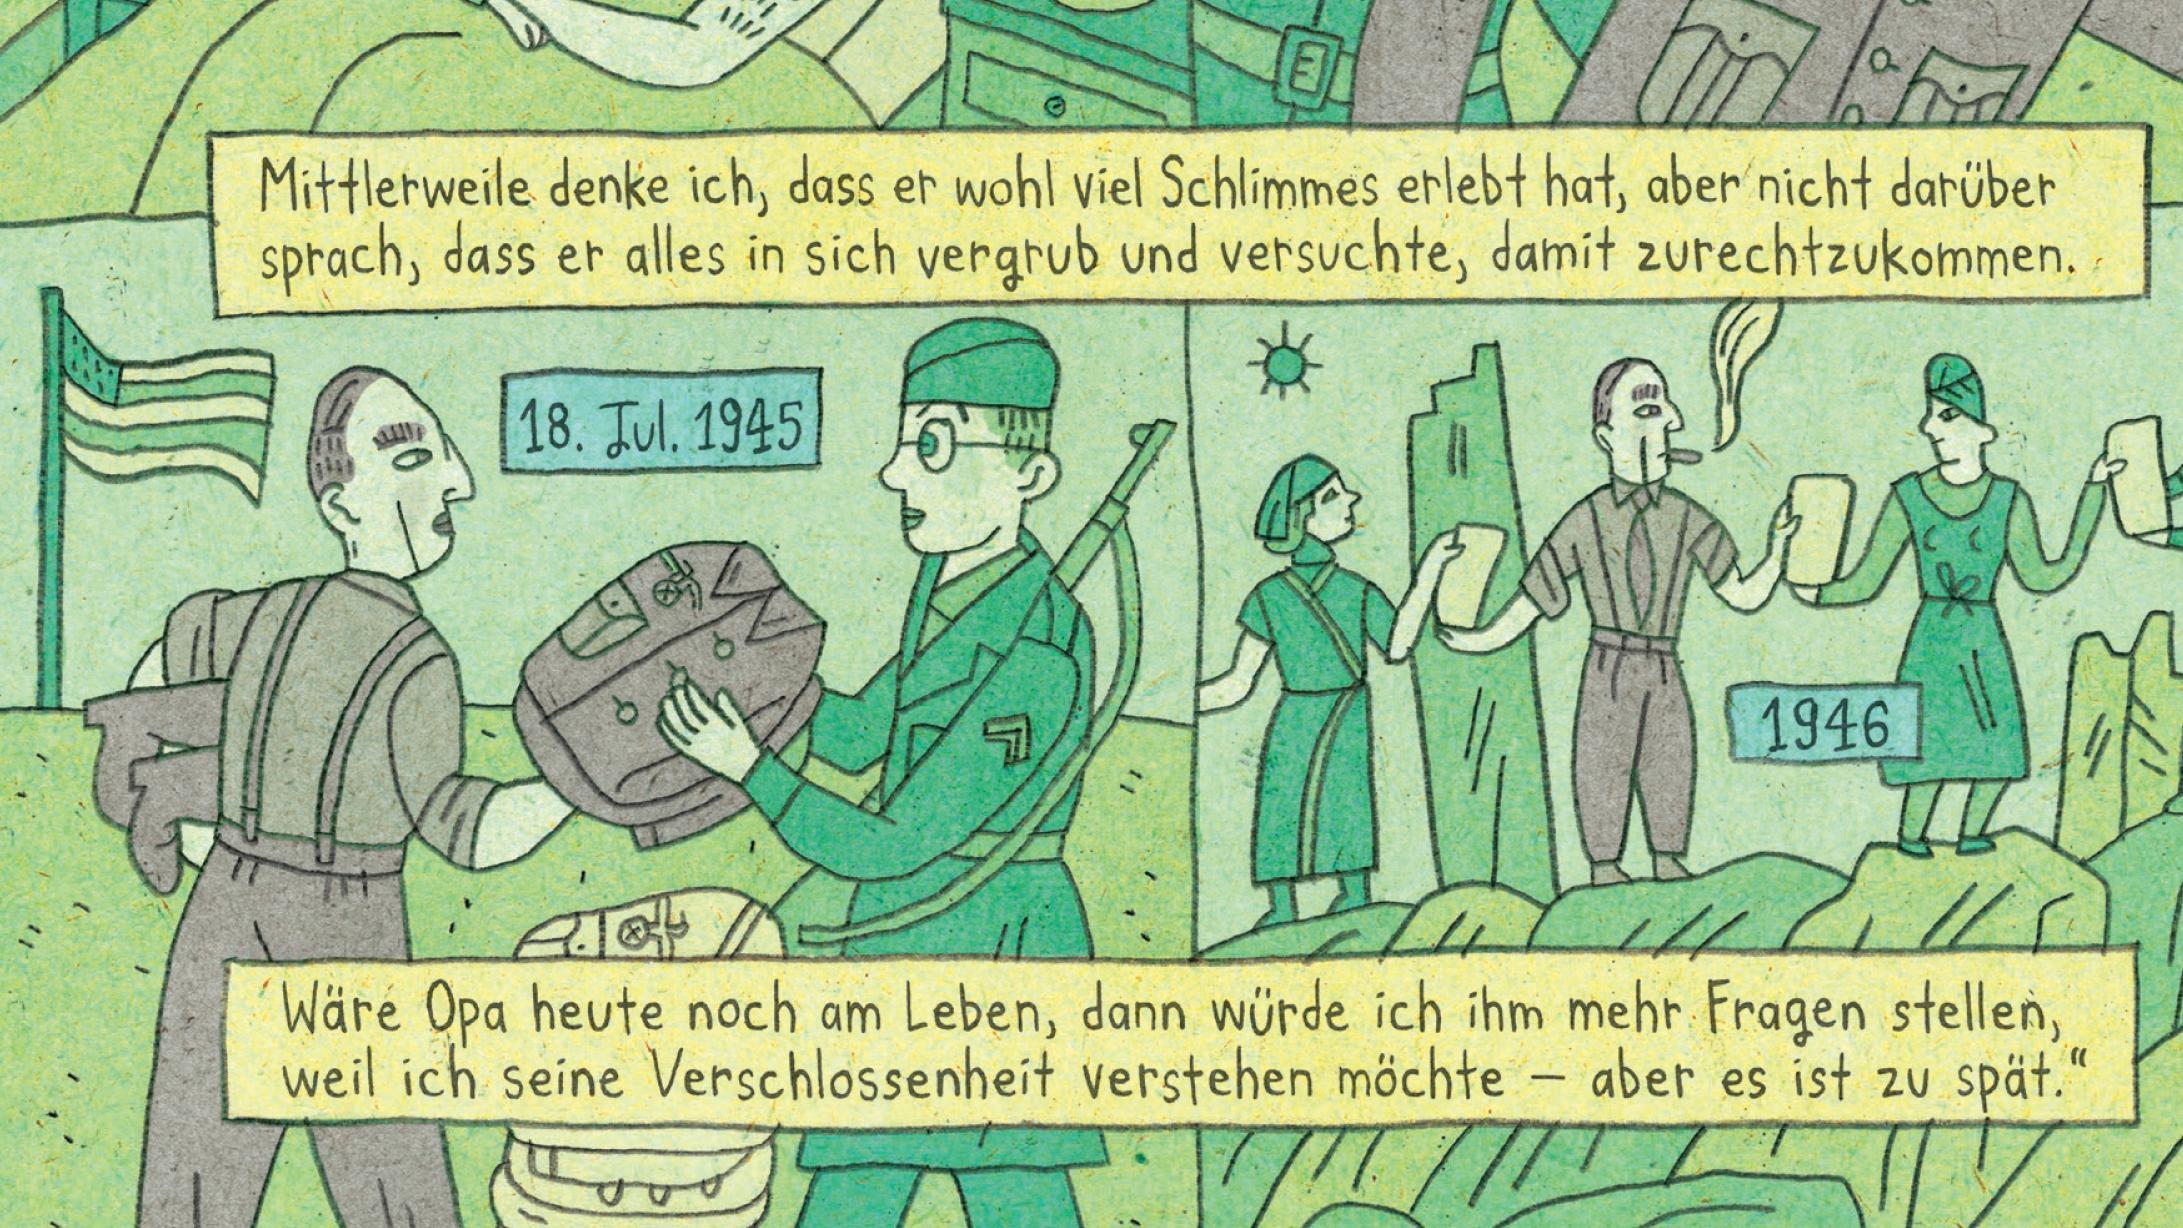 Im Buch von Nora Krug finden sich immer wieder Comic-Kapitel, die in ihrer Gestaltung auch an Bilderbögen erinnern. Hier reflektiert die Tante über den Großvater in Karlsruhe und über das Kriegsende.